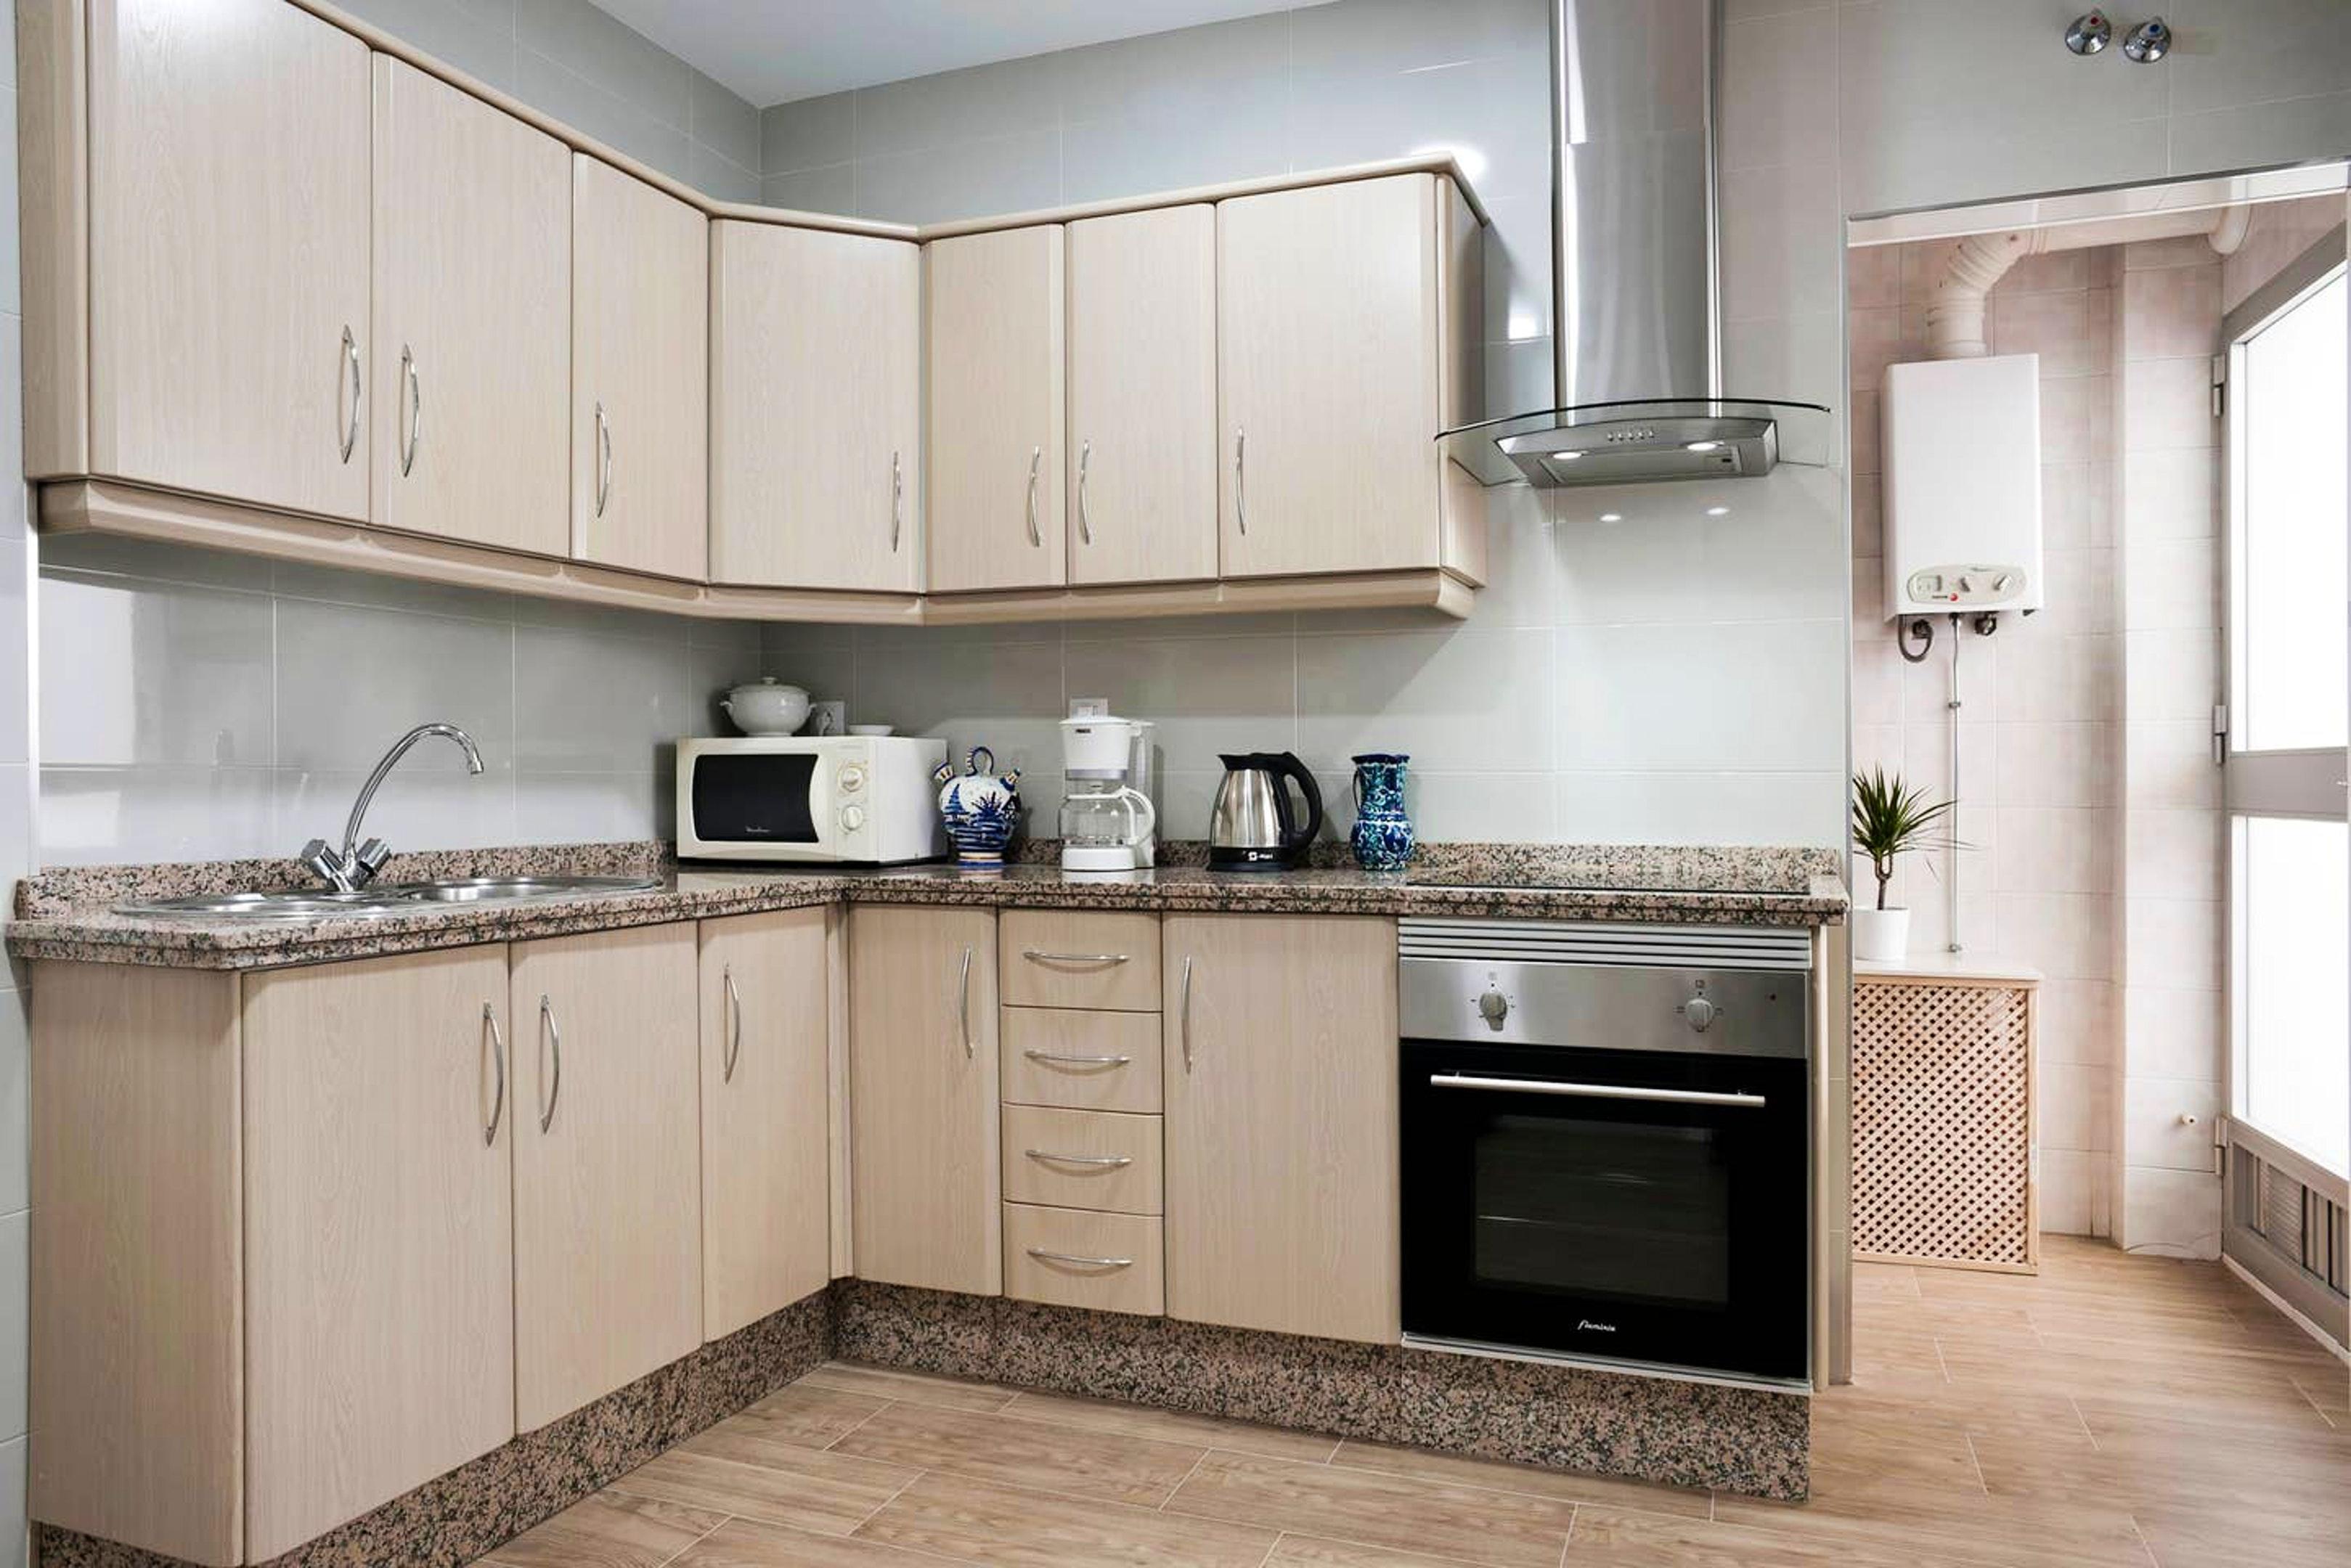 Ferienwohnung Wohnung mit 3 Schlafzimmern in Antequera mit möblierter Terrasse und W-LAN (2706842), Antequera, Malaga, Andalusien, Spanien, Bild 5